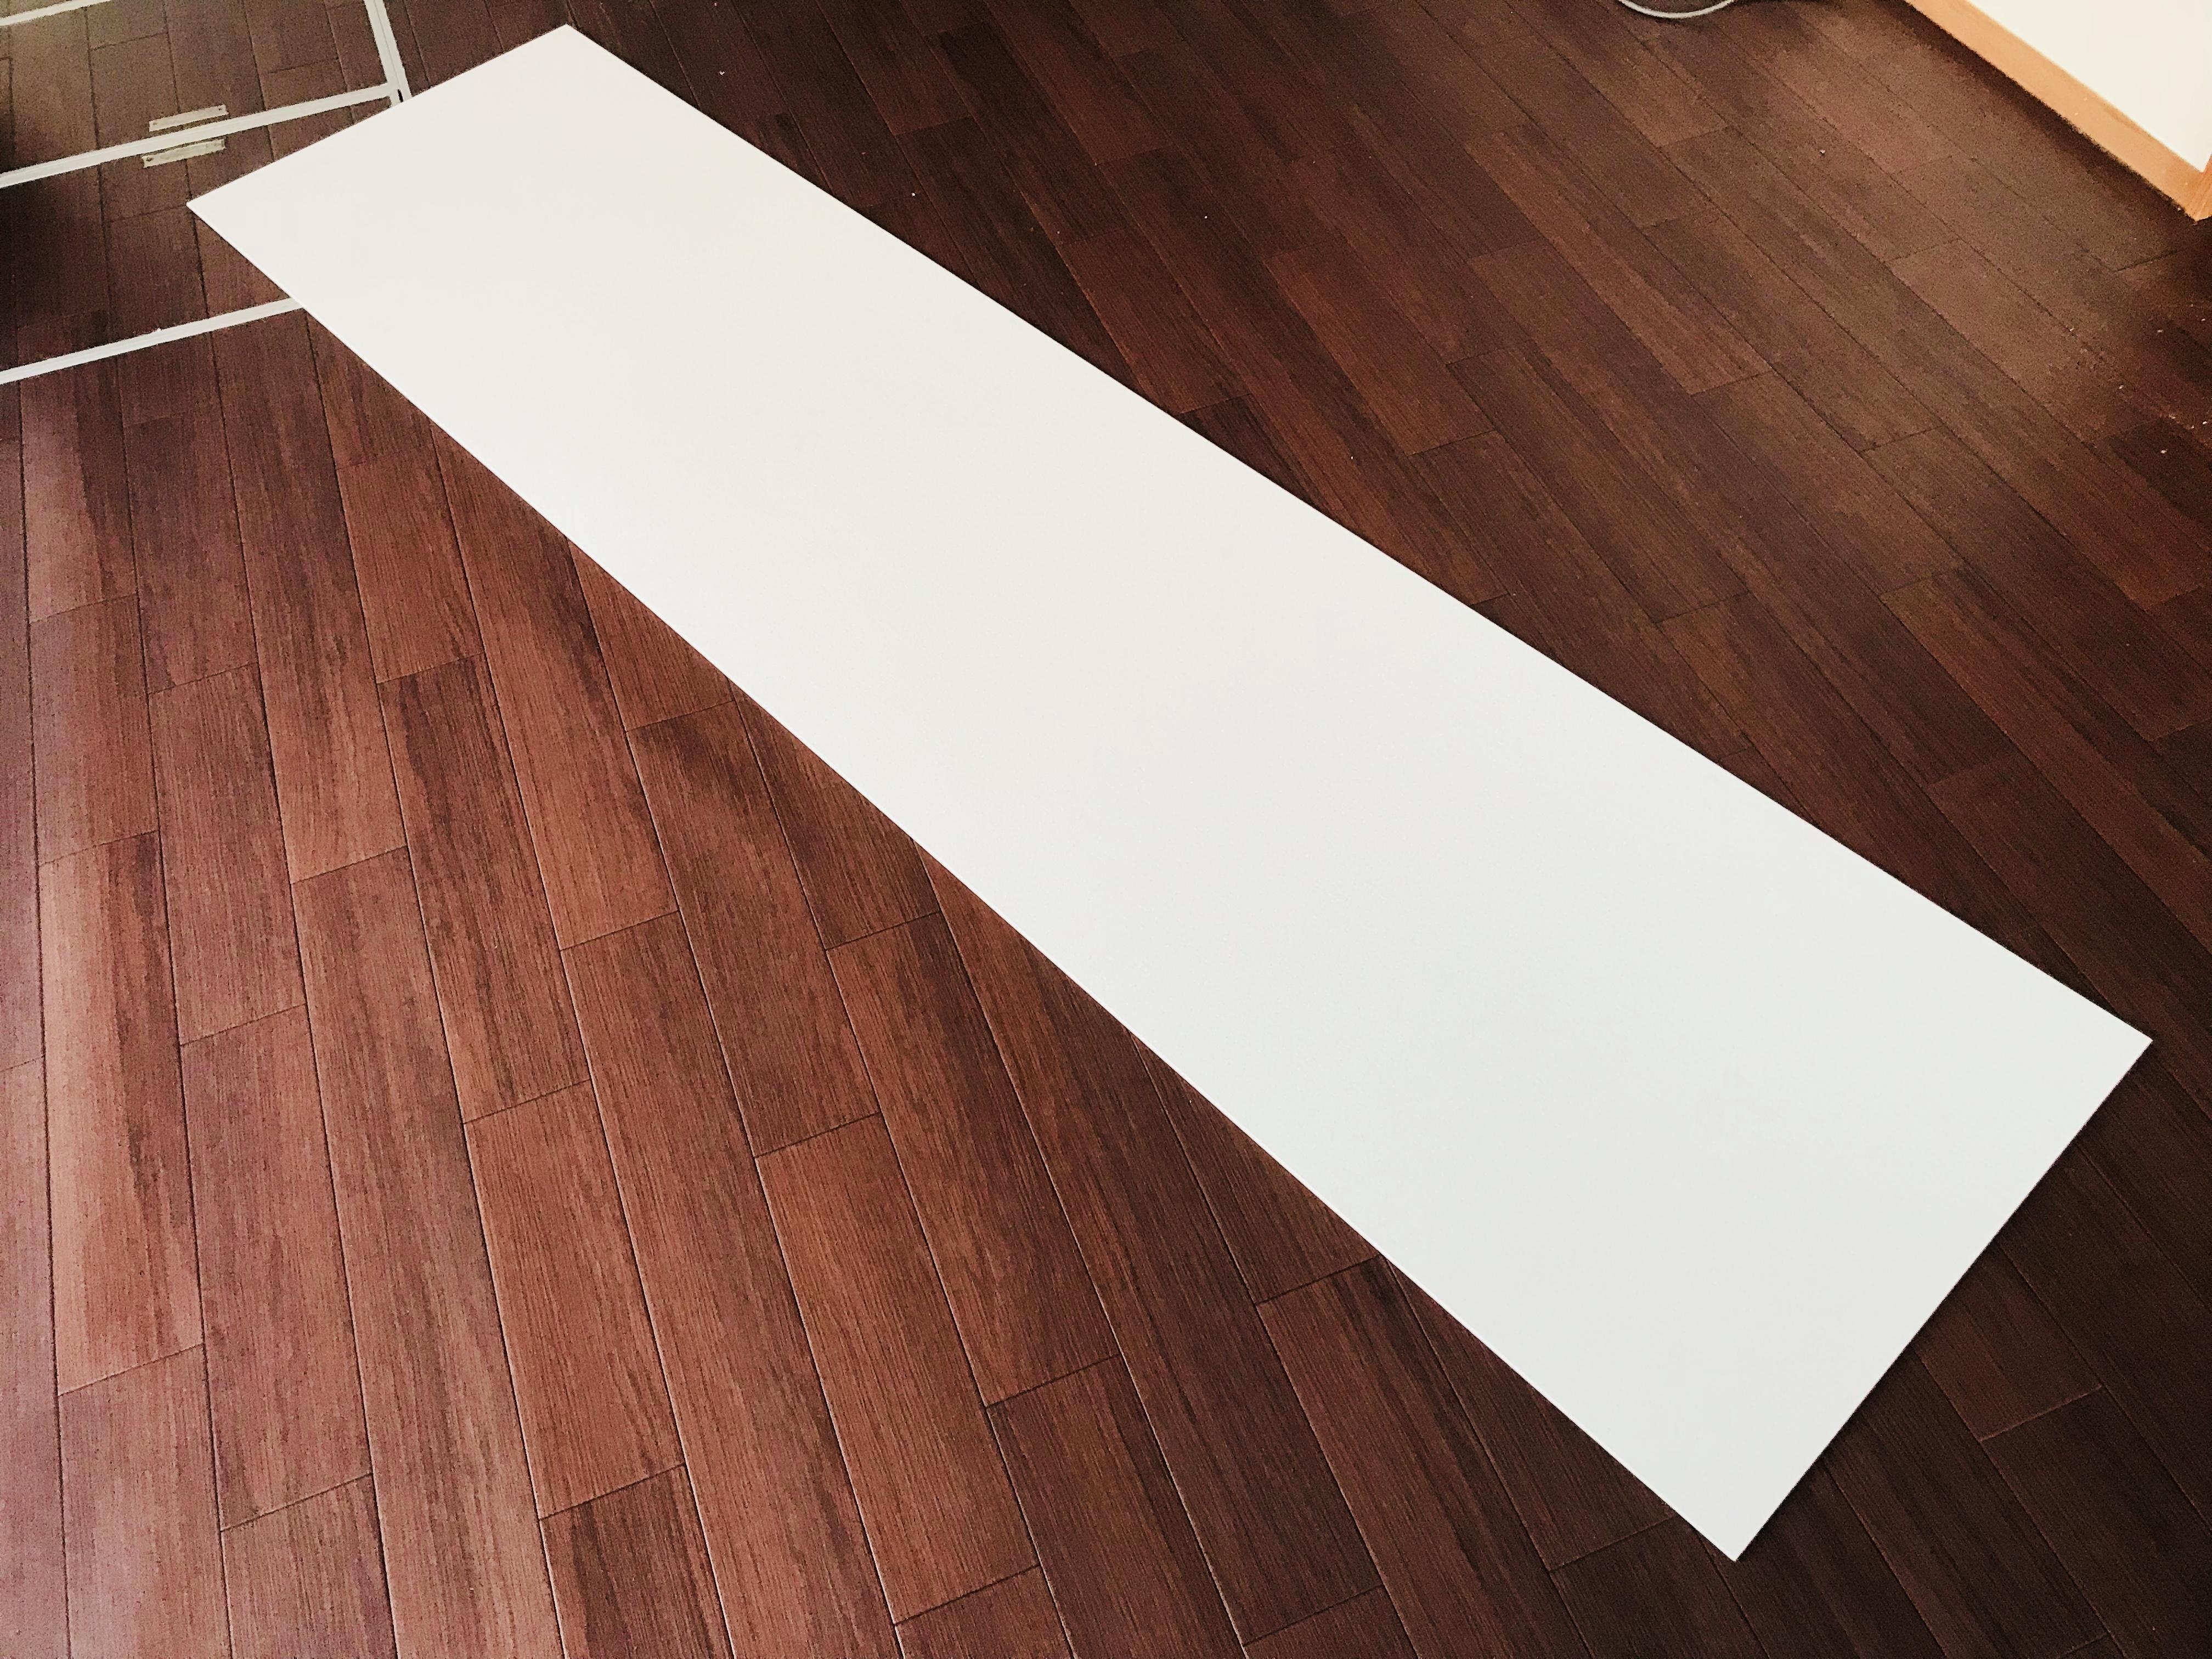 天井に化粧合板を貼るための材料